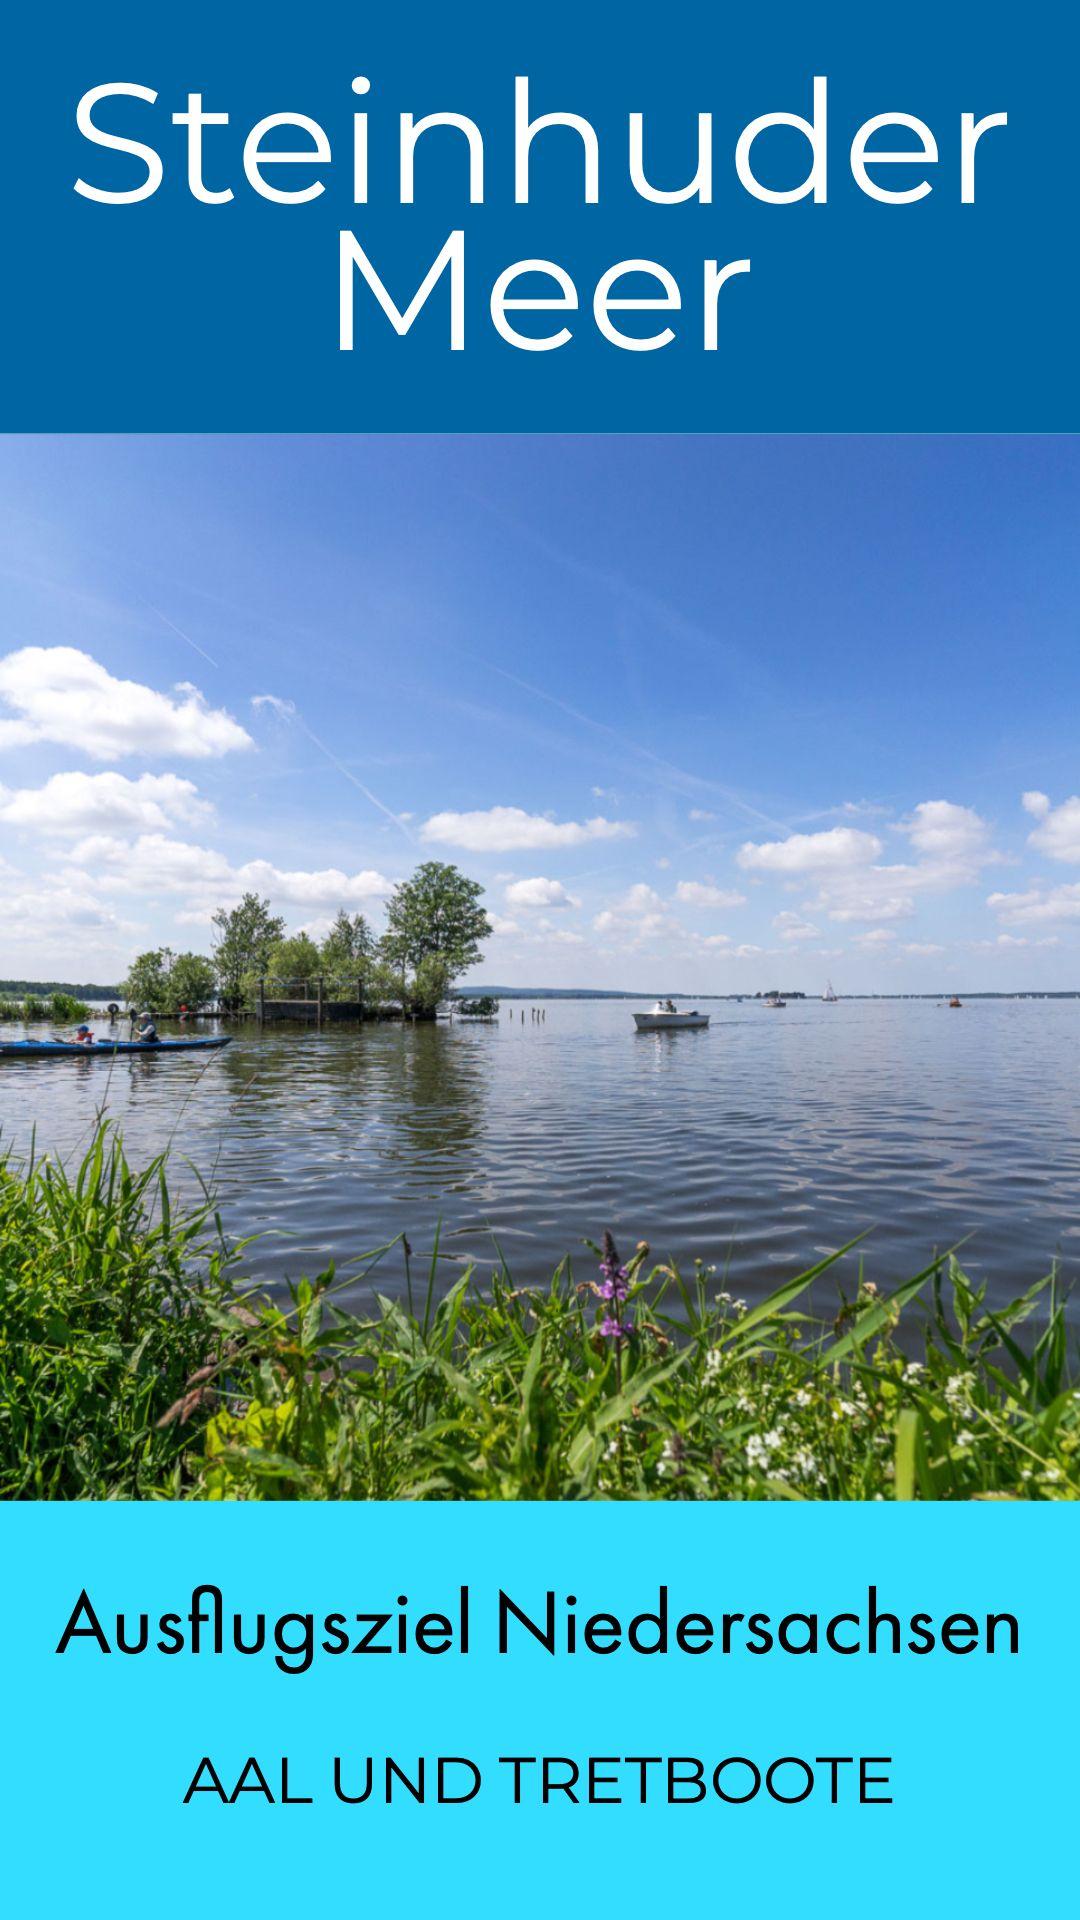 Steinhuder Meer Ausflugsziel In Der Region Hannover Ausflug